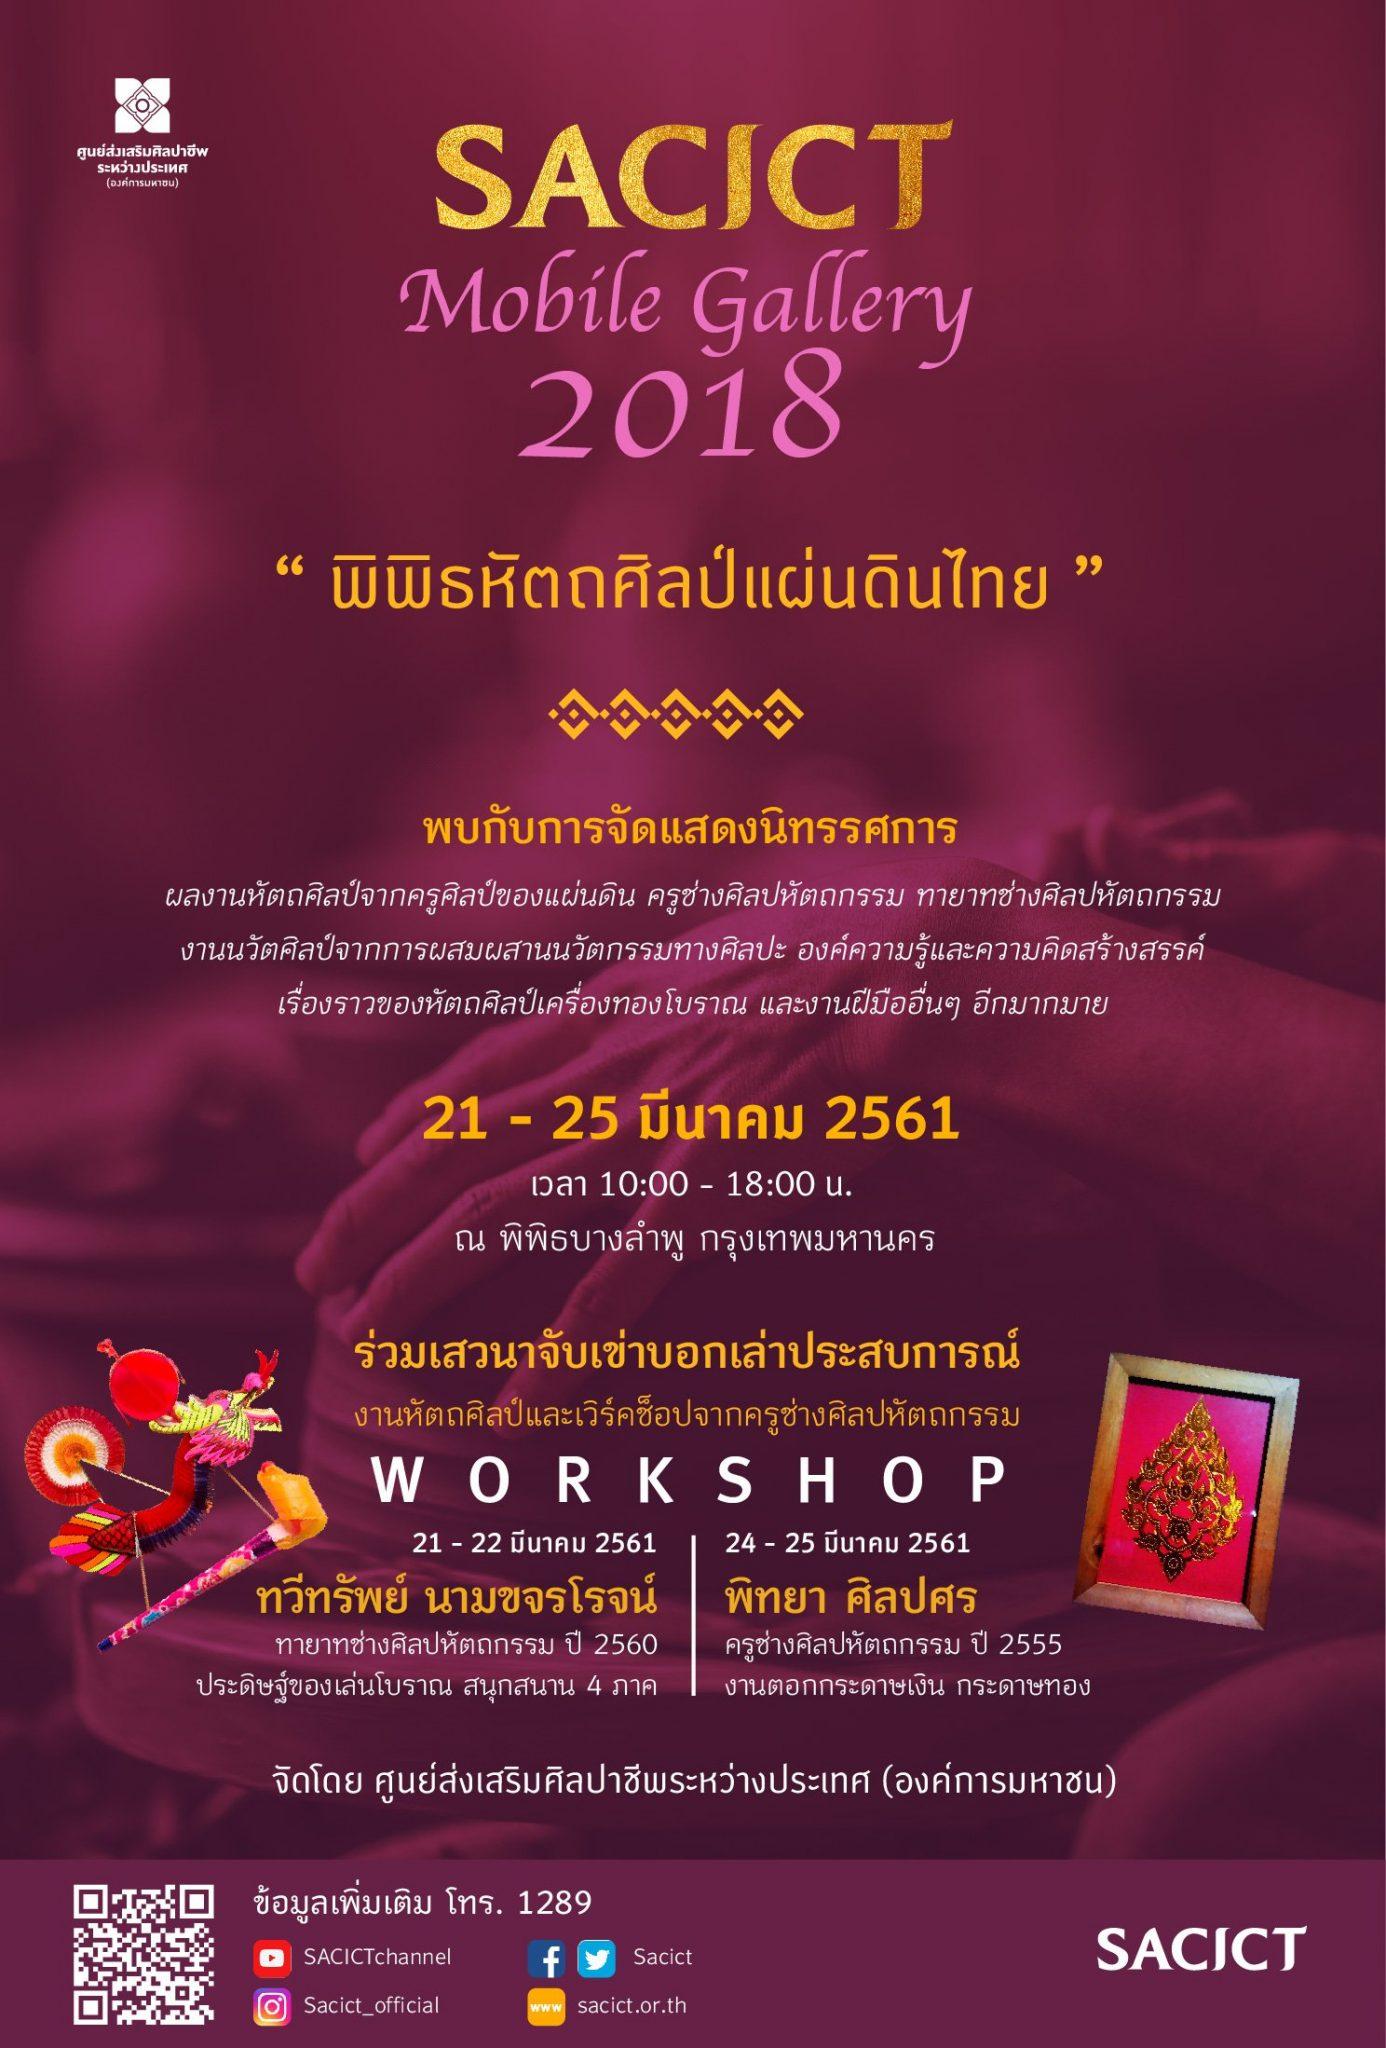 """SACICT จัดนิทรรศการ """"พิพิธหัตถศิลป์แผ่นดินไทย"""" 13 -"""